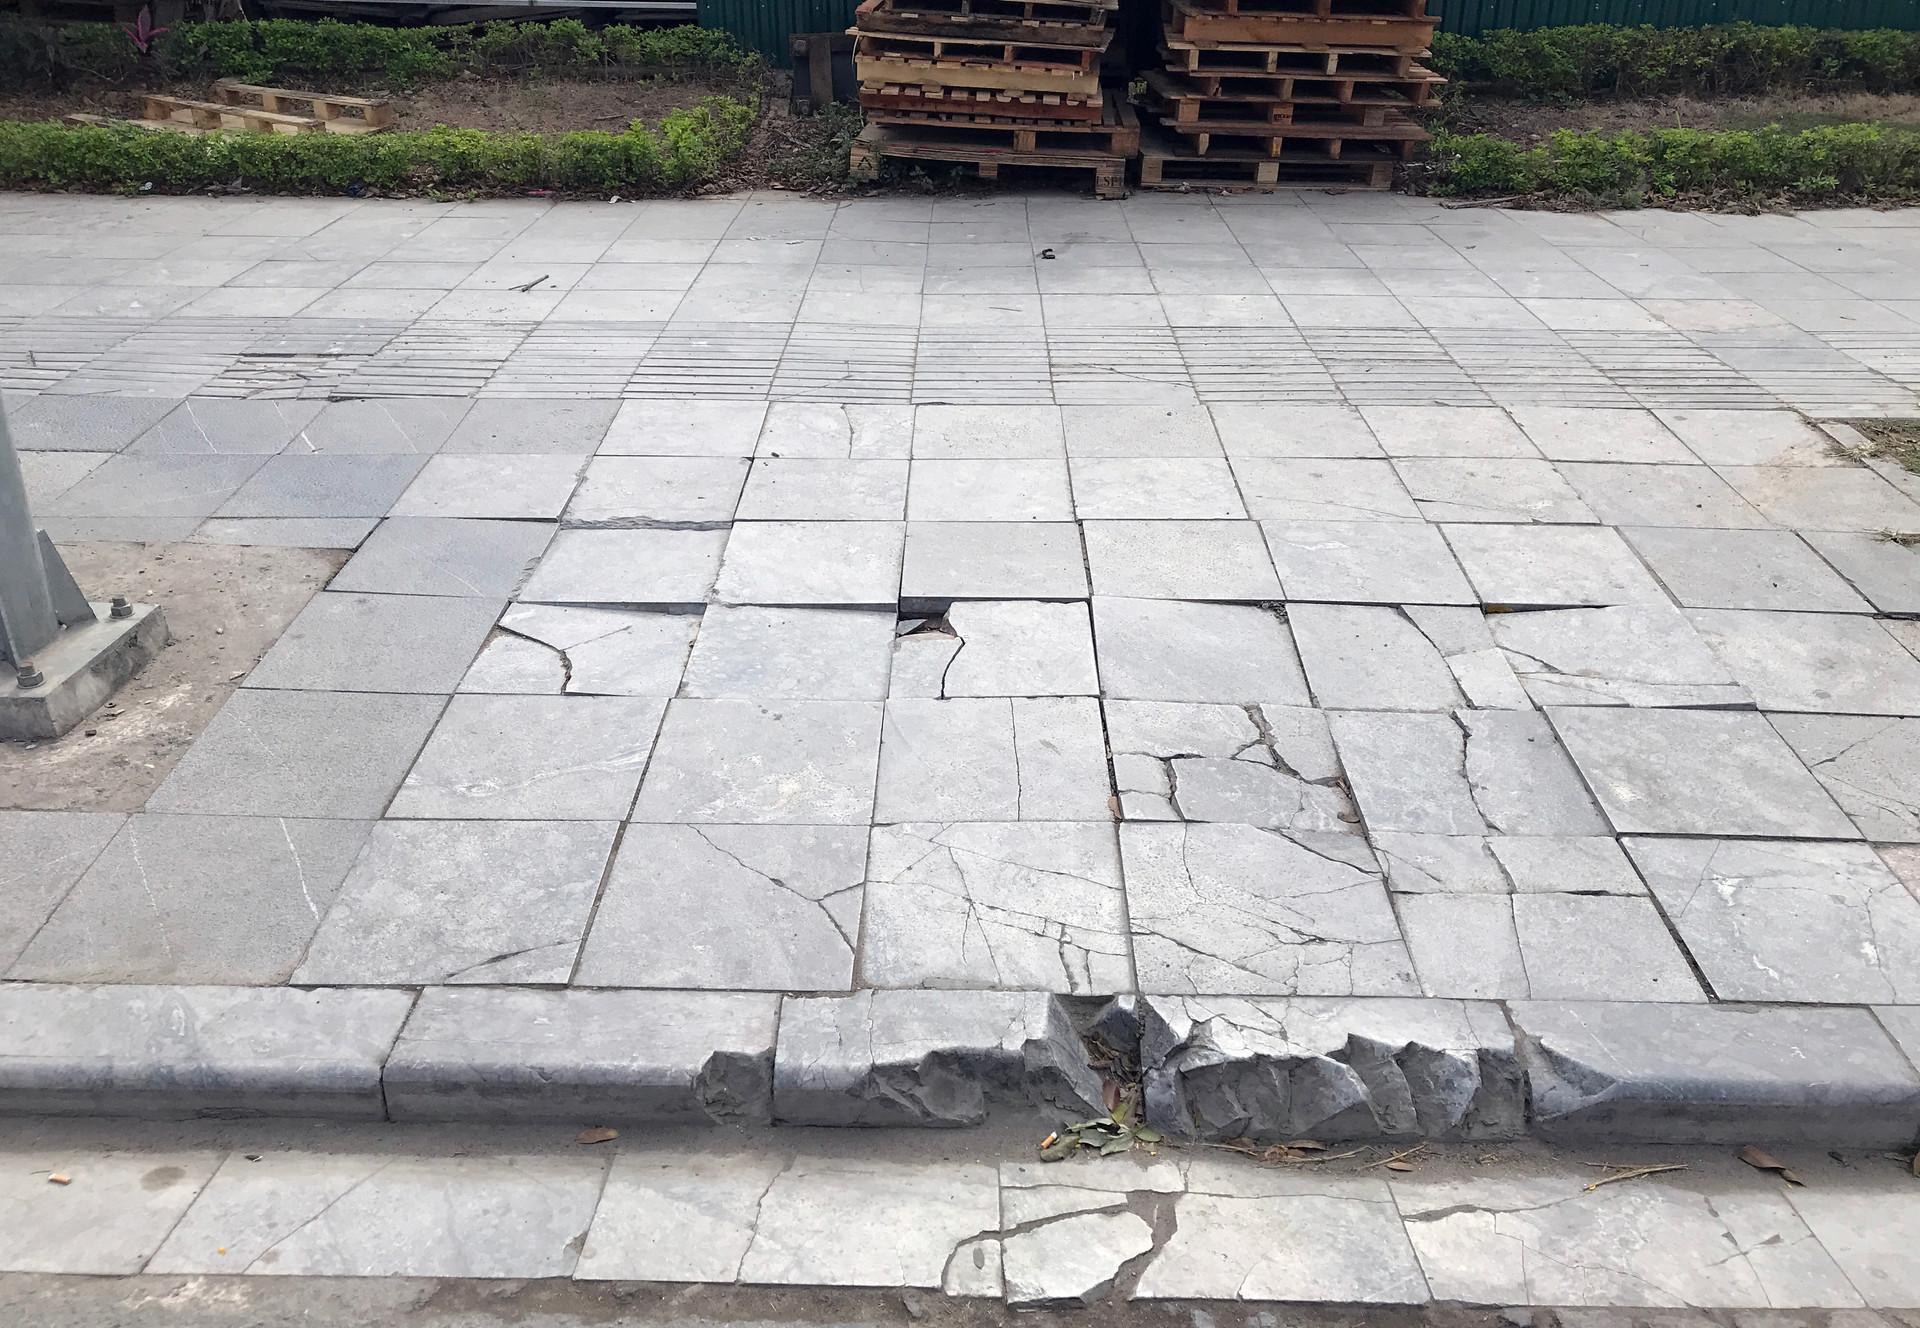 Cận cảnh vỉa hè lát đá bền trăm năm ở Hà Nội vỡ vụn, bong tróc - 3